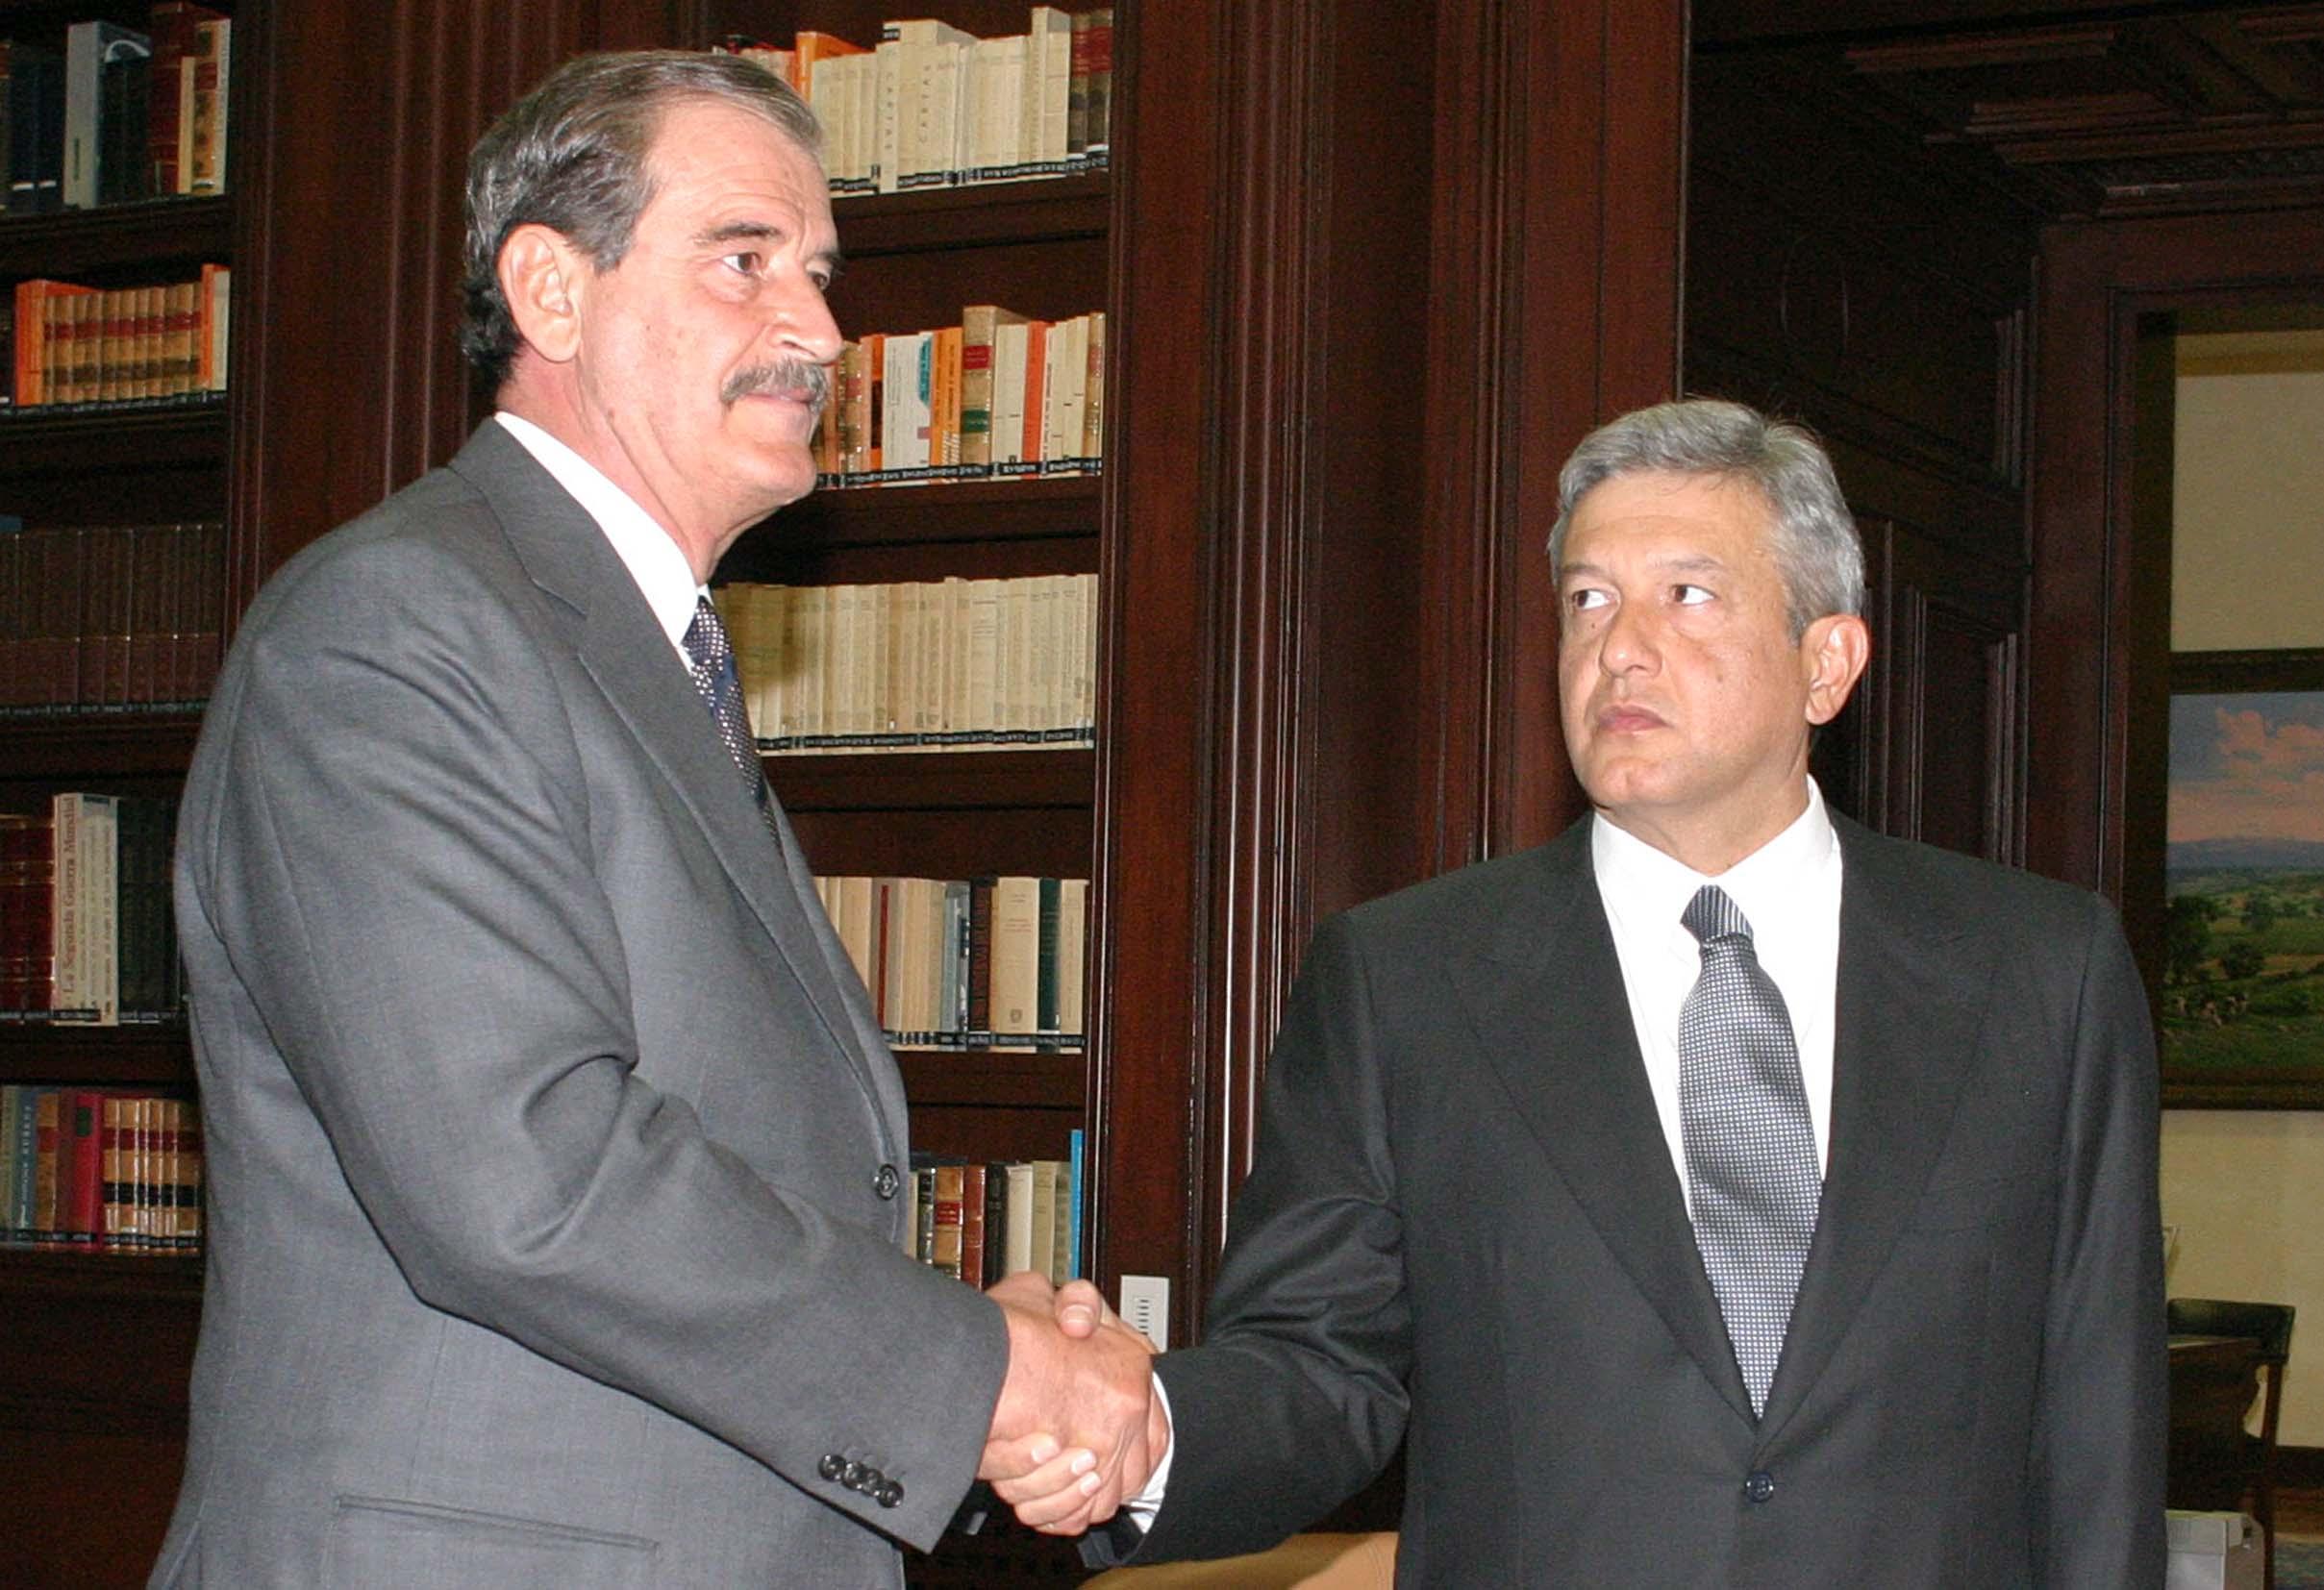 Consulta Mitofsky, Vicente Fox, Andrés Manuel López Obrador, encuestas, popularidad,